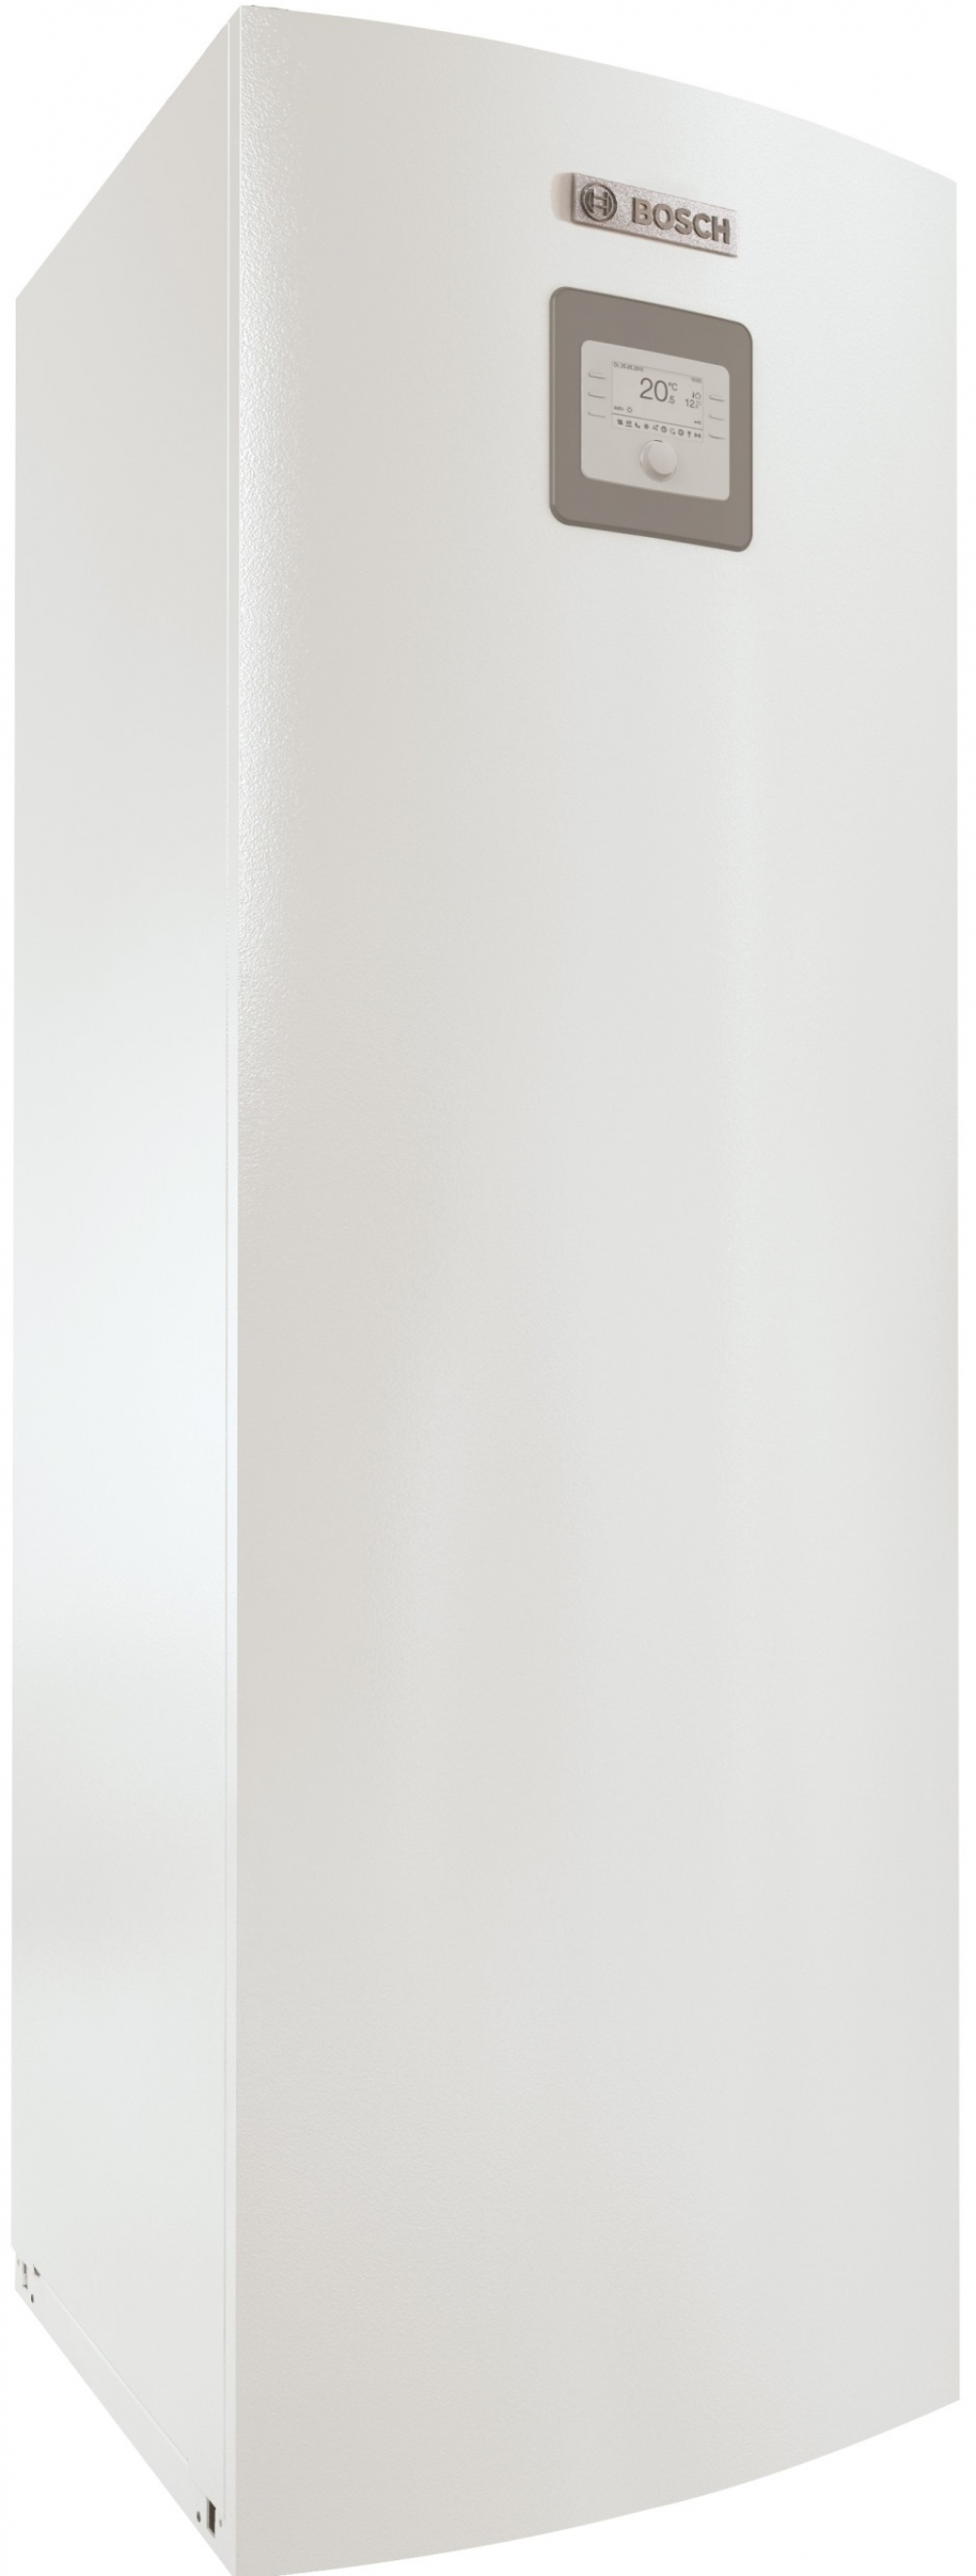 Воздушный тепловой насос Bosch Compress 6000 AWM 5-9